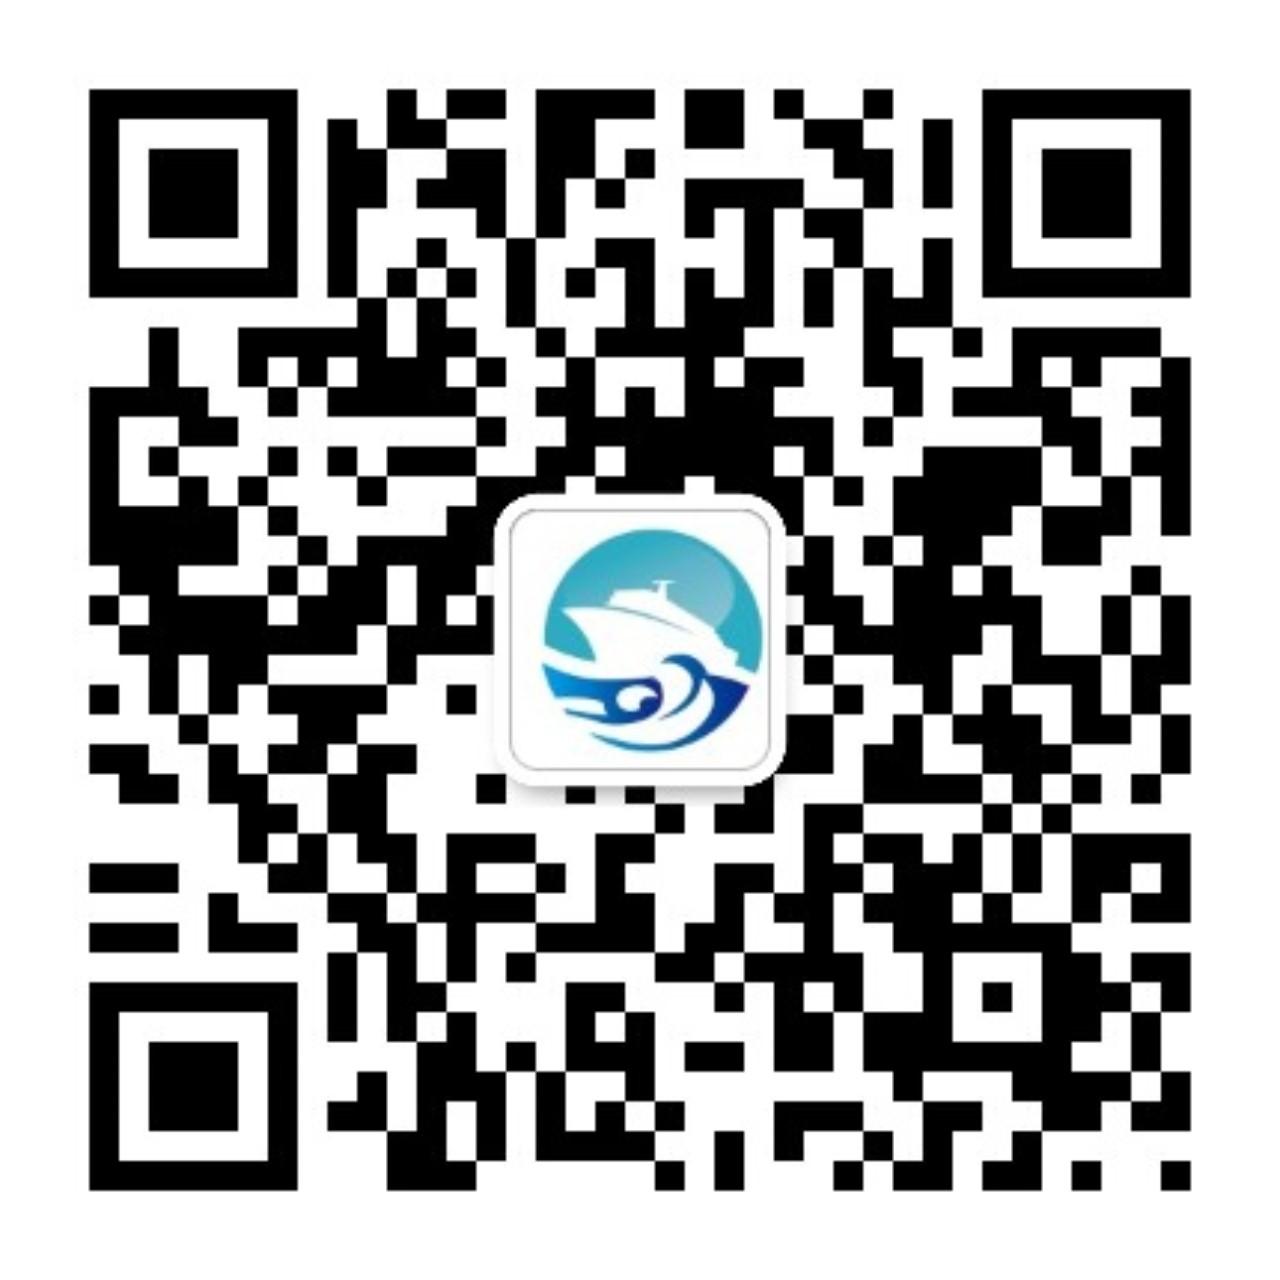 三峡游轮网上售票大厅公众号靠谱吗? 订长江三峡游轮,上官网更保障